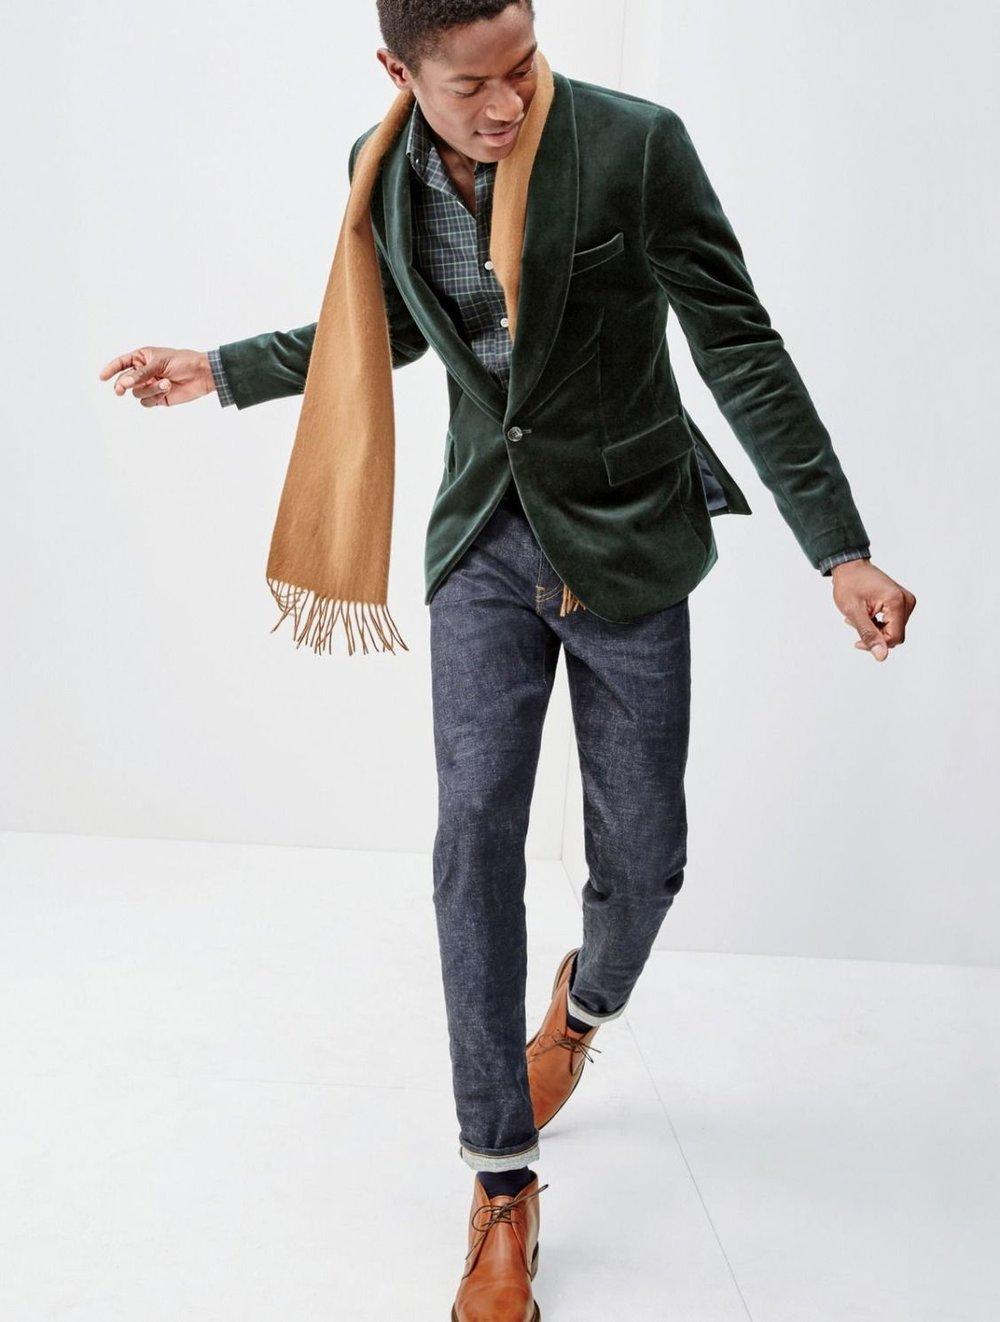 - Varie o tecido Blazer não precisa ser apenas de lã fria ou algodão. Modelos de lã, veludo, couro (sem muito brilho) e camurça são apenas alguns dos caminhos a serem seguidos na hora de buscar uma variação de bom gosto.